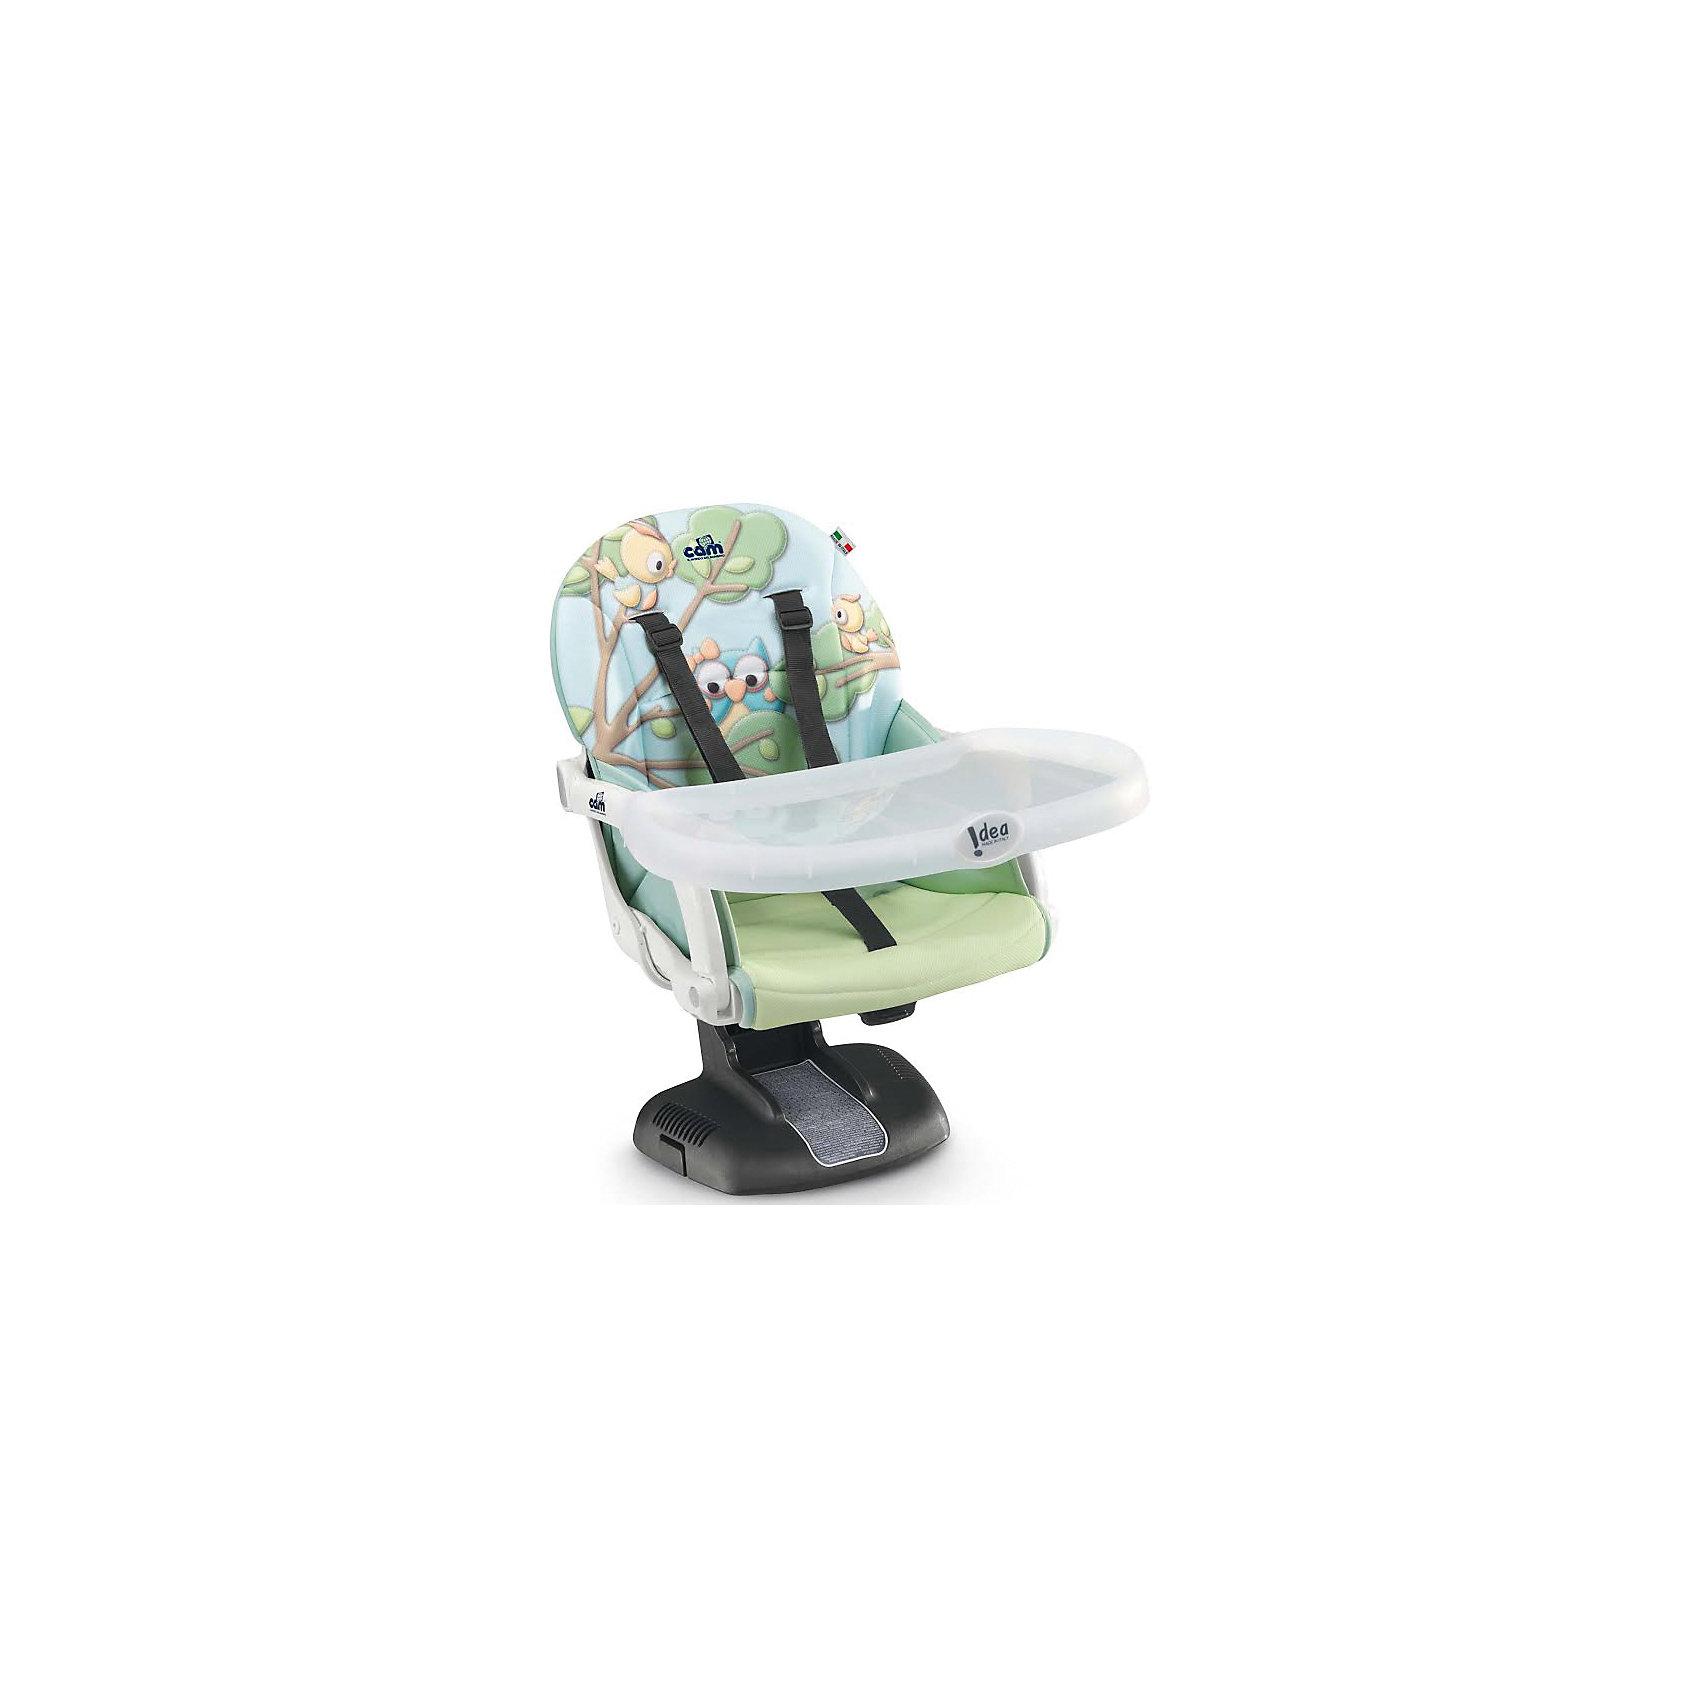 Стульчик для кормления Idea, CAM, совы.от +6 месяцев<br>Стульчик для кормления Idea, CAM, совы – компактная модель для дома и дачи.<br>Тип стульчика – бустер. Он крепится к обычной мебели и может быть отрегулирован с помощью 7 уровней высоты сидения. Мягкое сидение и подлокотники делают сиденье комфортным для ребенка, а ремни безопасности защищают малыша от падения и не дают ему выбраться самостоятельно. <br><br> Дополнительная информация:<br>- размер: 52х36х40 см<br>- вес: 2,8<br><br><br>Стульчик для кормления Idea, CAM, совы можно купить в нашем интернет магазине.<br><br>Ширина мм: 995<br>Глубина мм: 369<br>Высота мм: 504<br>Вес г: 3750<br>Возраст от месяцев: 6<br>Возраст до месяцев: 36<br>Пол: Унисекс<br>Возраст: Детский<br>SKU: 5111807